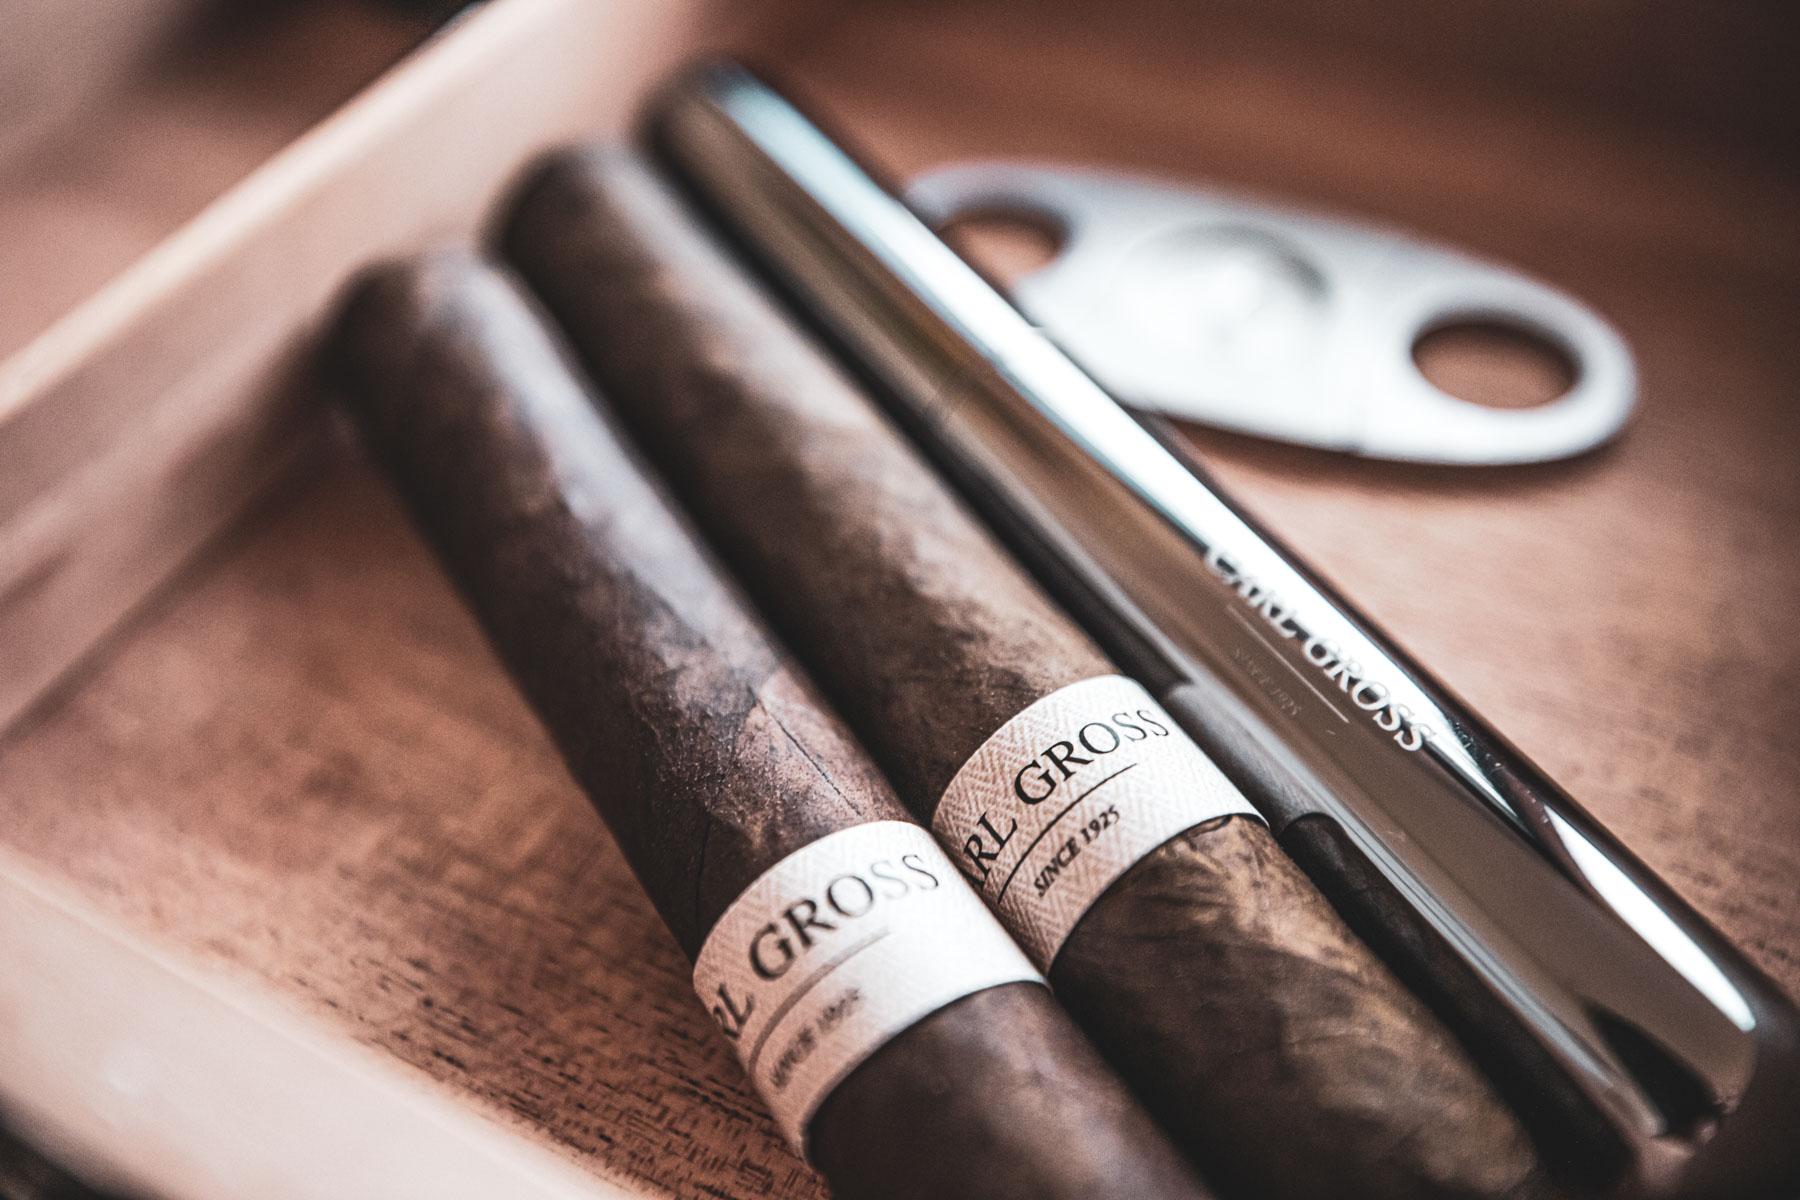 Zigarrenroller | Zigarrendreher | Zigarren | Marke | Herstellung | Design | Branding | Marke | Handgefertigt | Banderole | Label | Buchen | Kaufen | Own | Brand